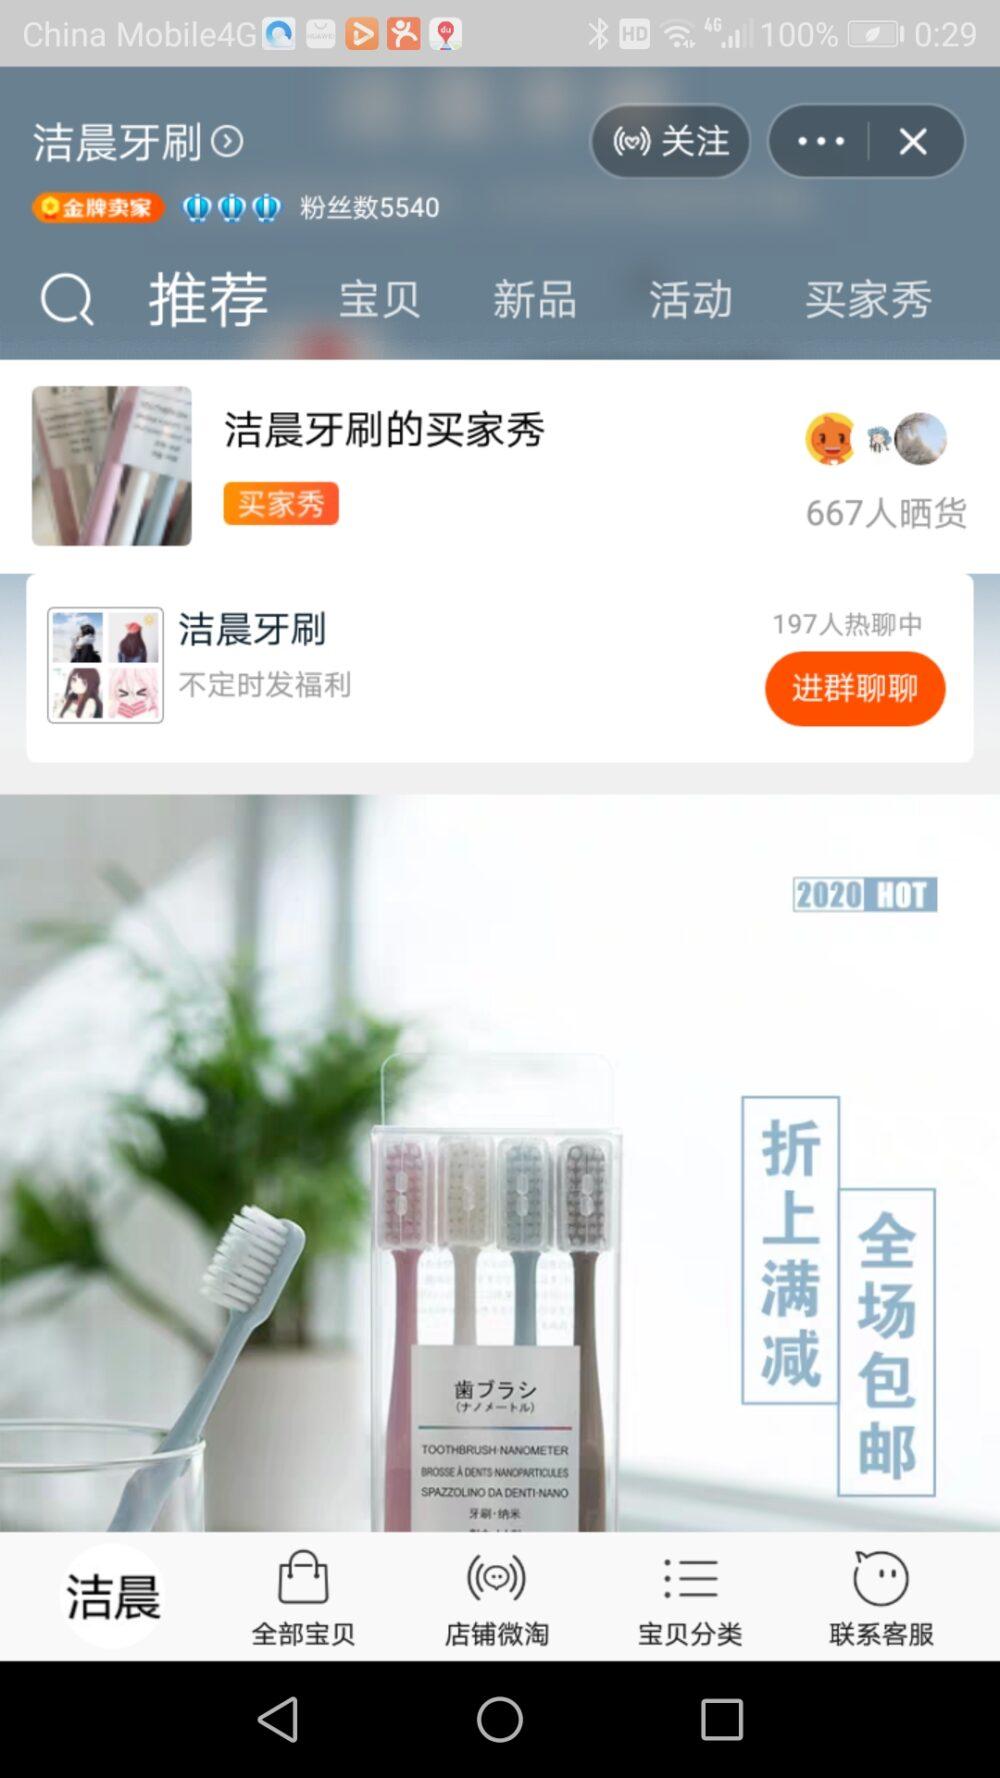 タオバオで歯ブラシを注文した際に不良品が発覚した出店側のサイトをスクリーンショットの画像